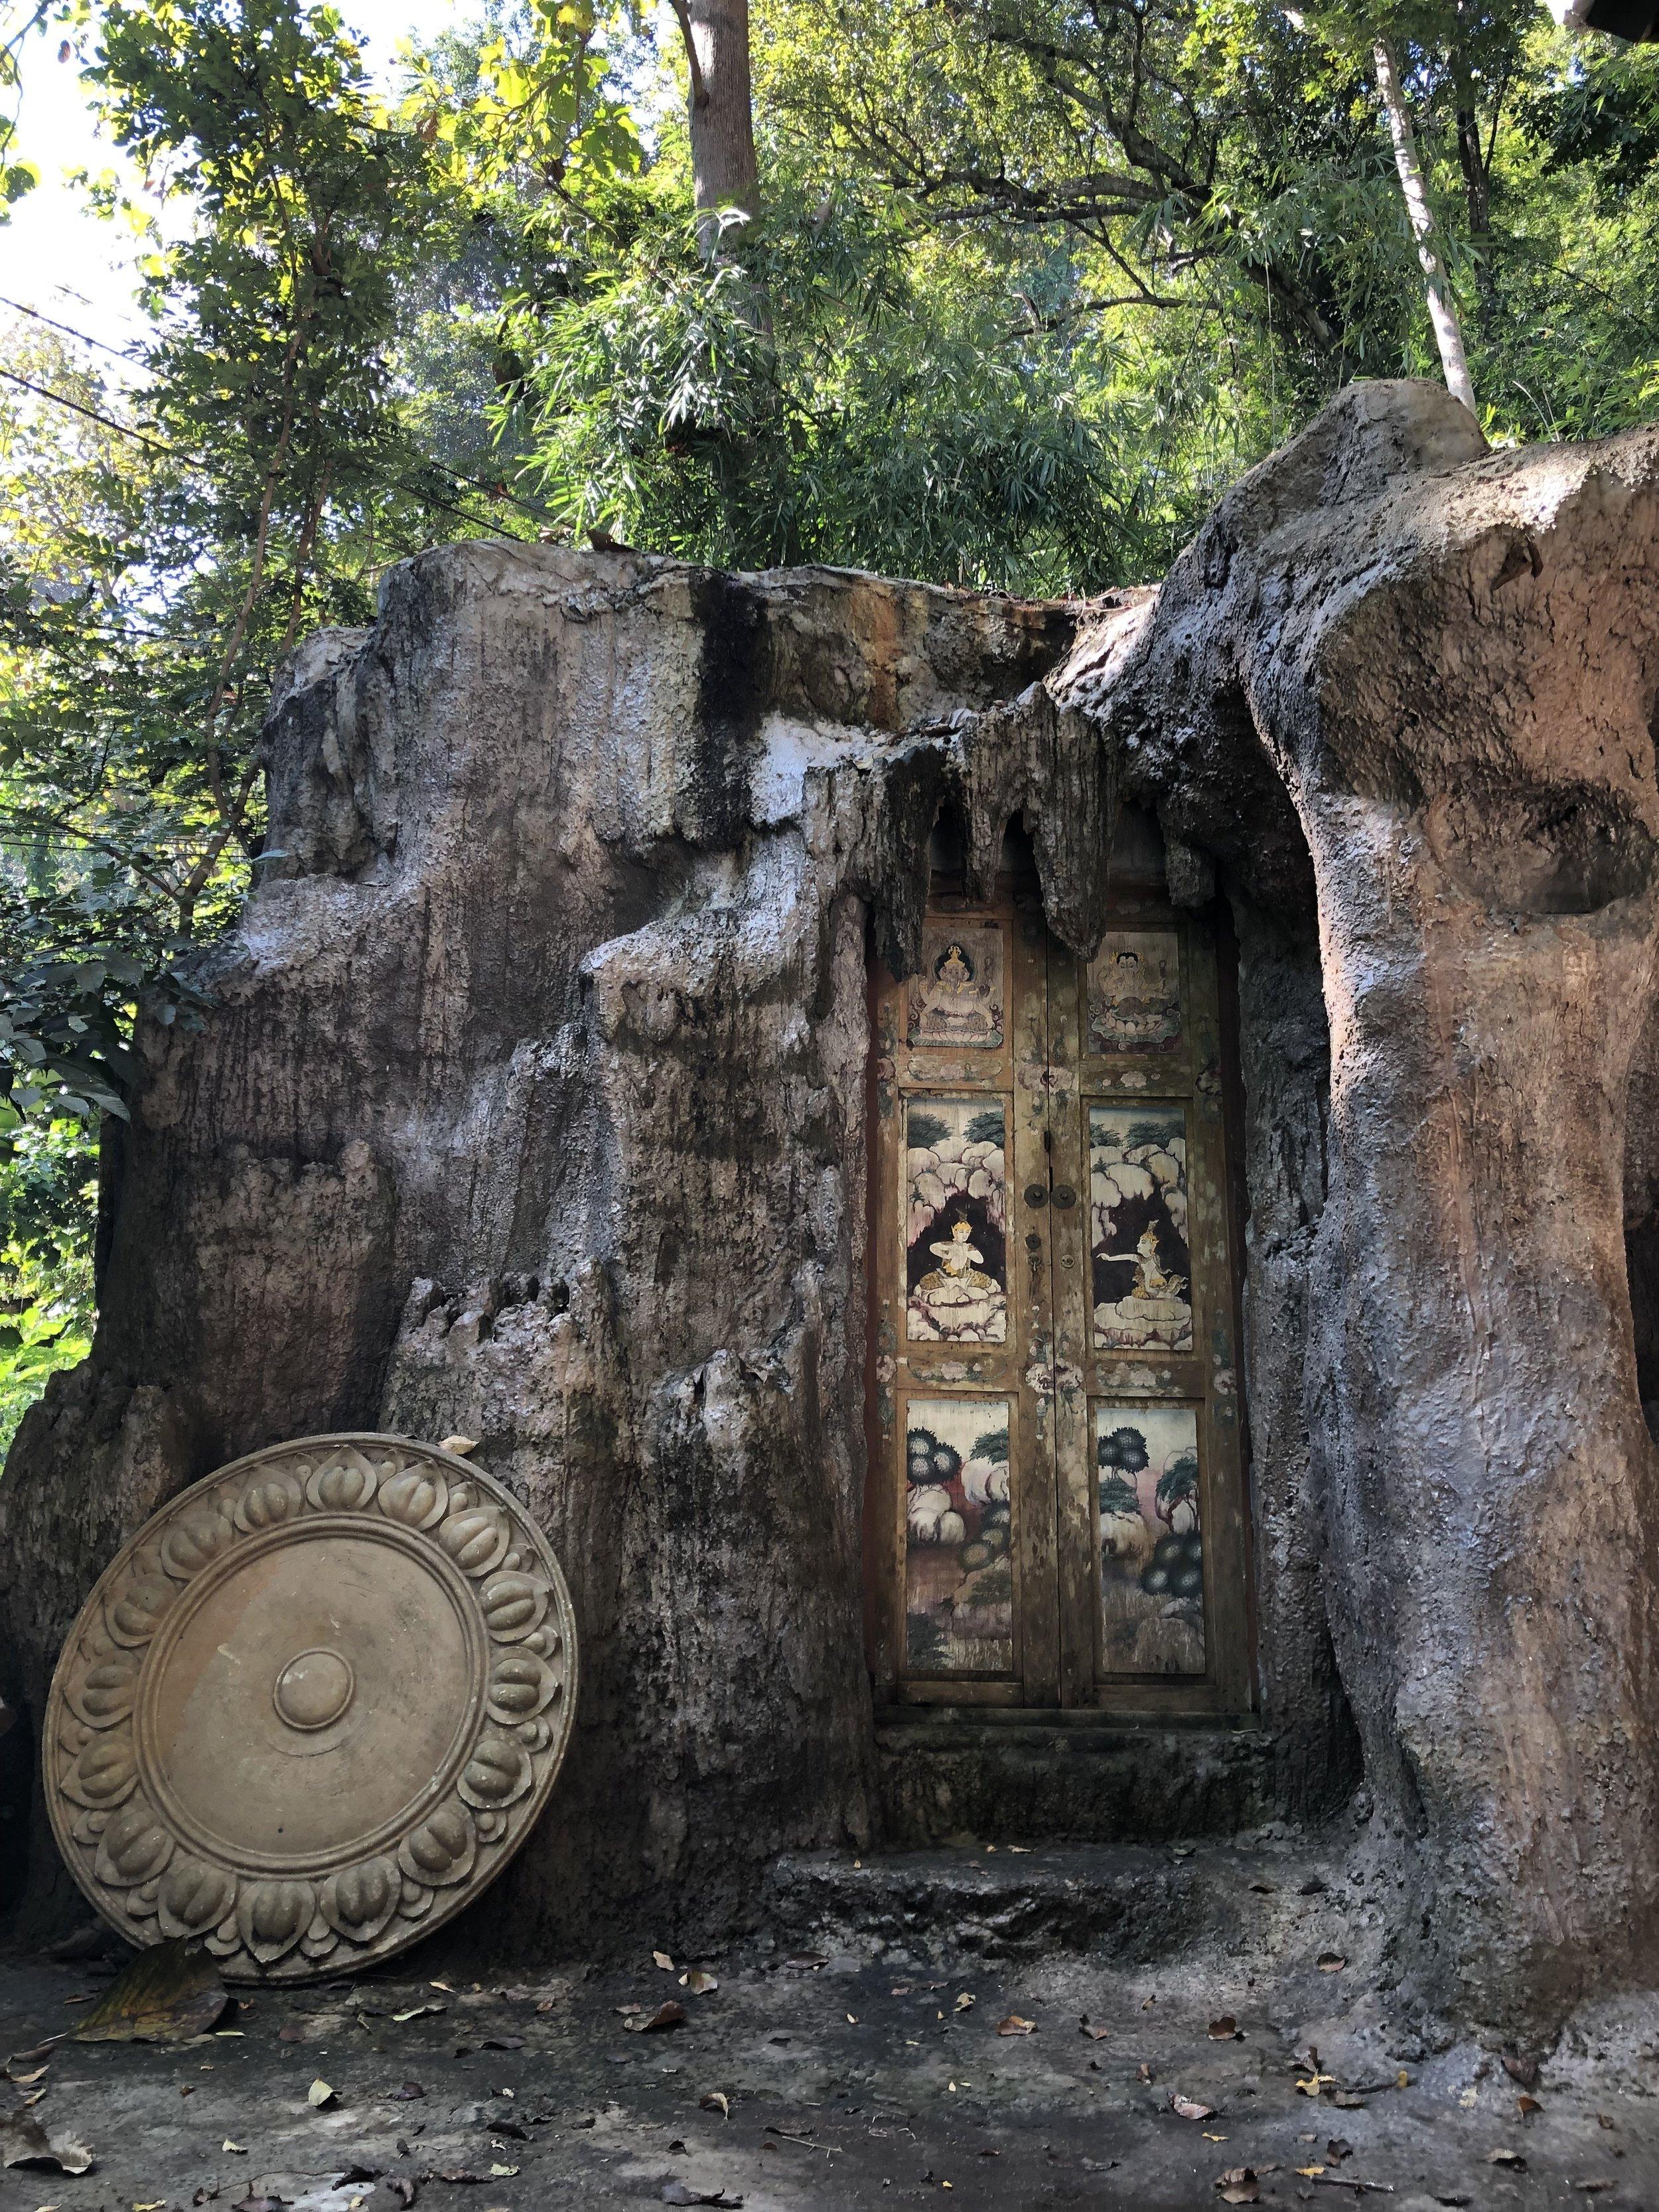 स्थिरसुखमासनम् ॥४६॥  sthira-sukham-āsanam ॥46॥